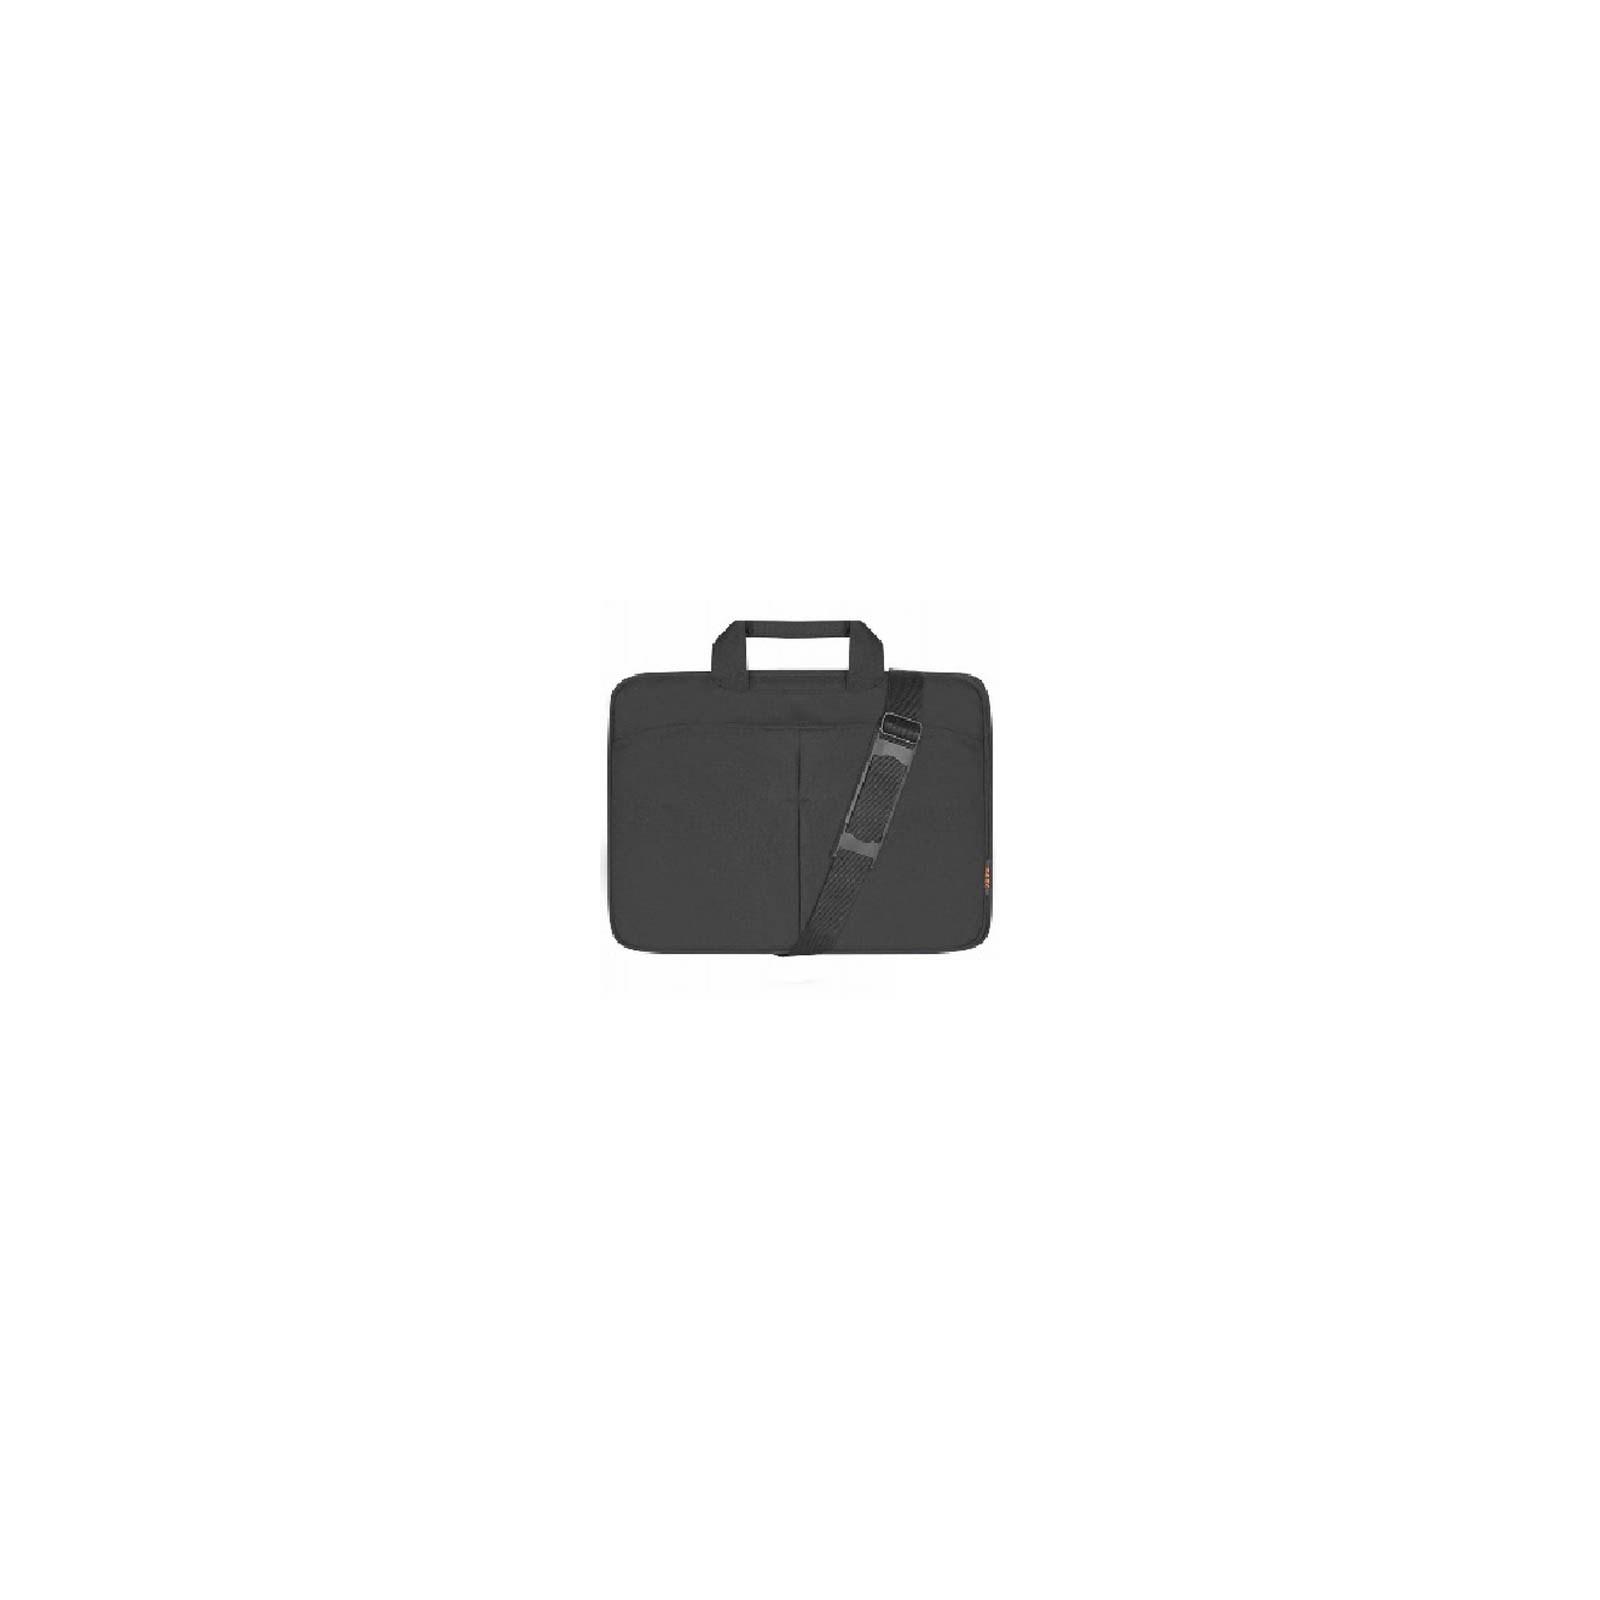 Сумка для ноутбука Lex 13-14 (LX-051R-BK)